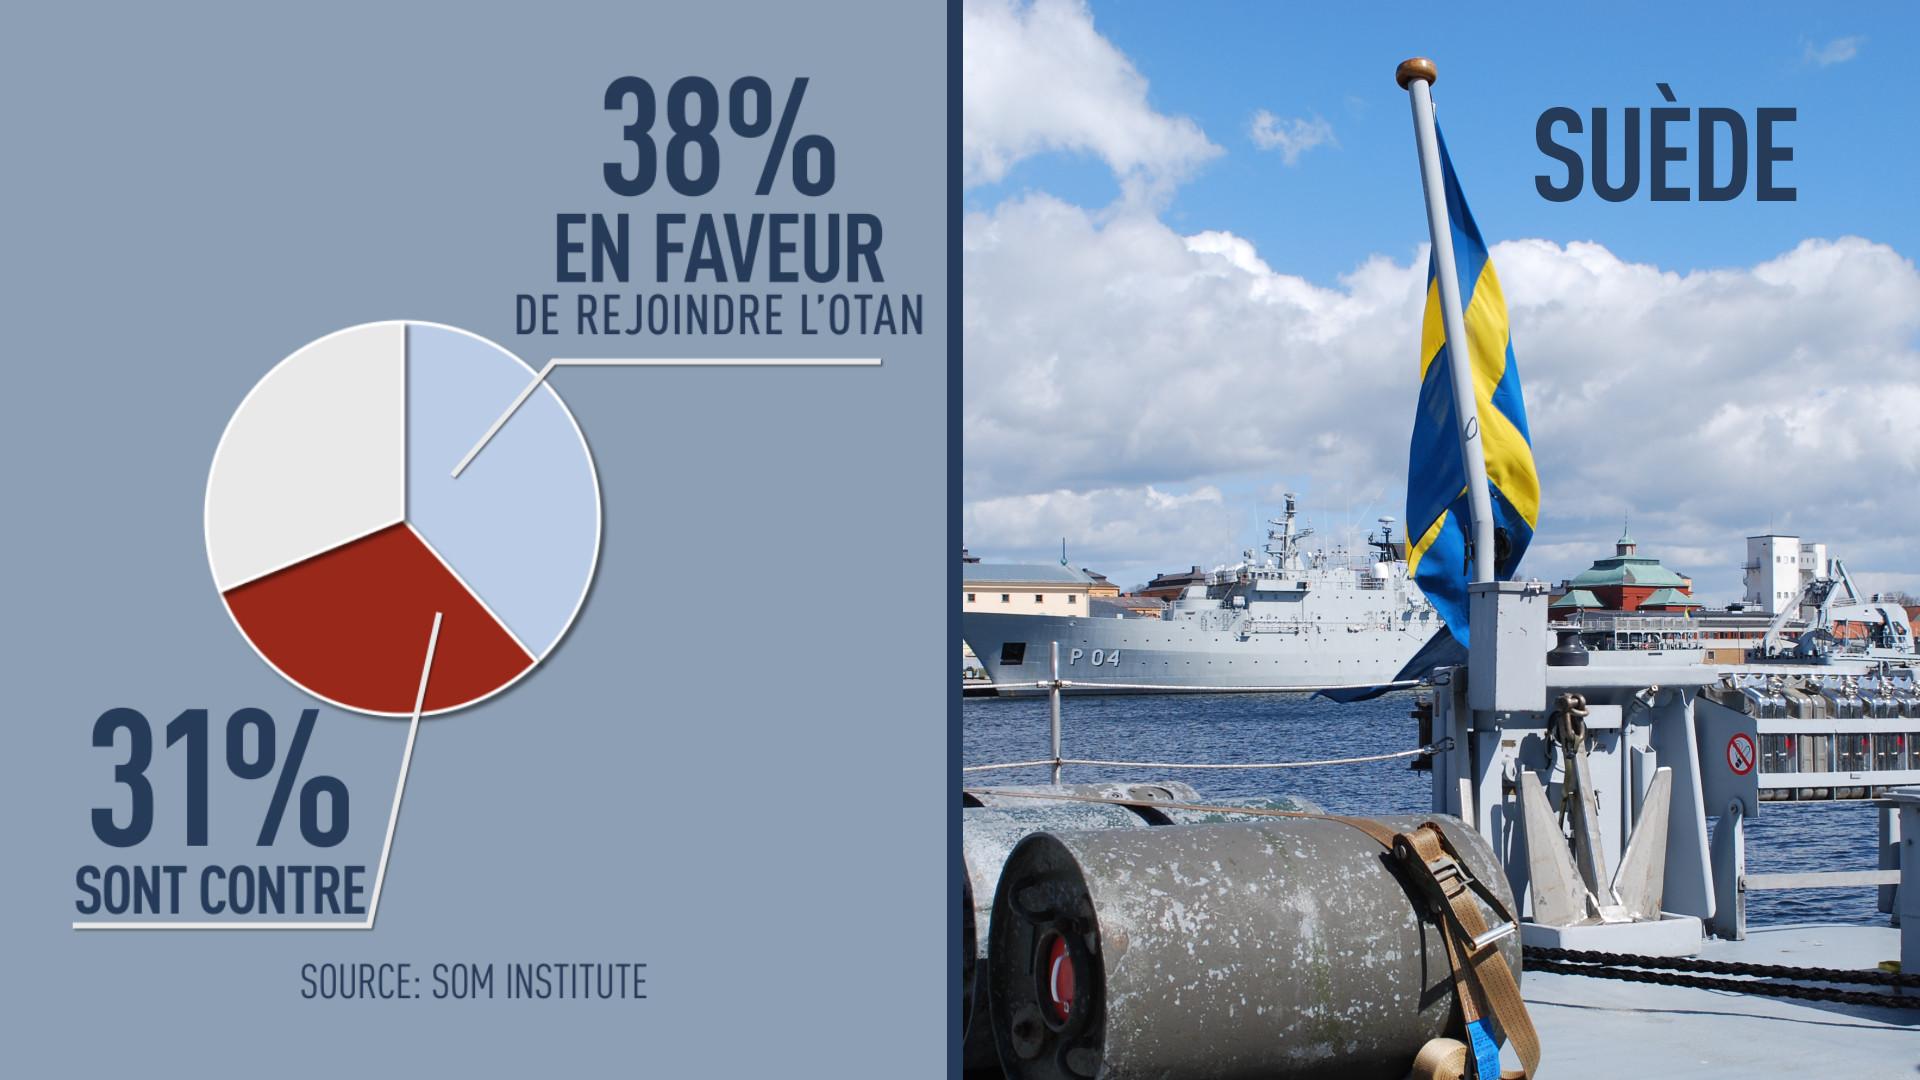 La position des Suédois